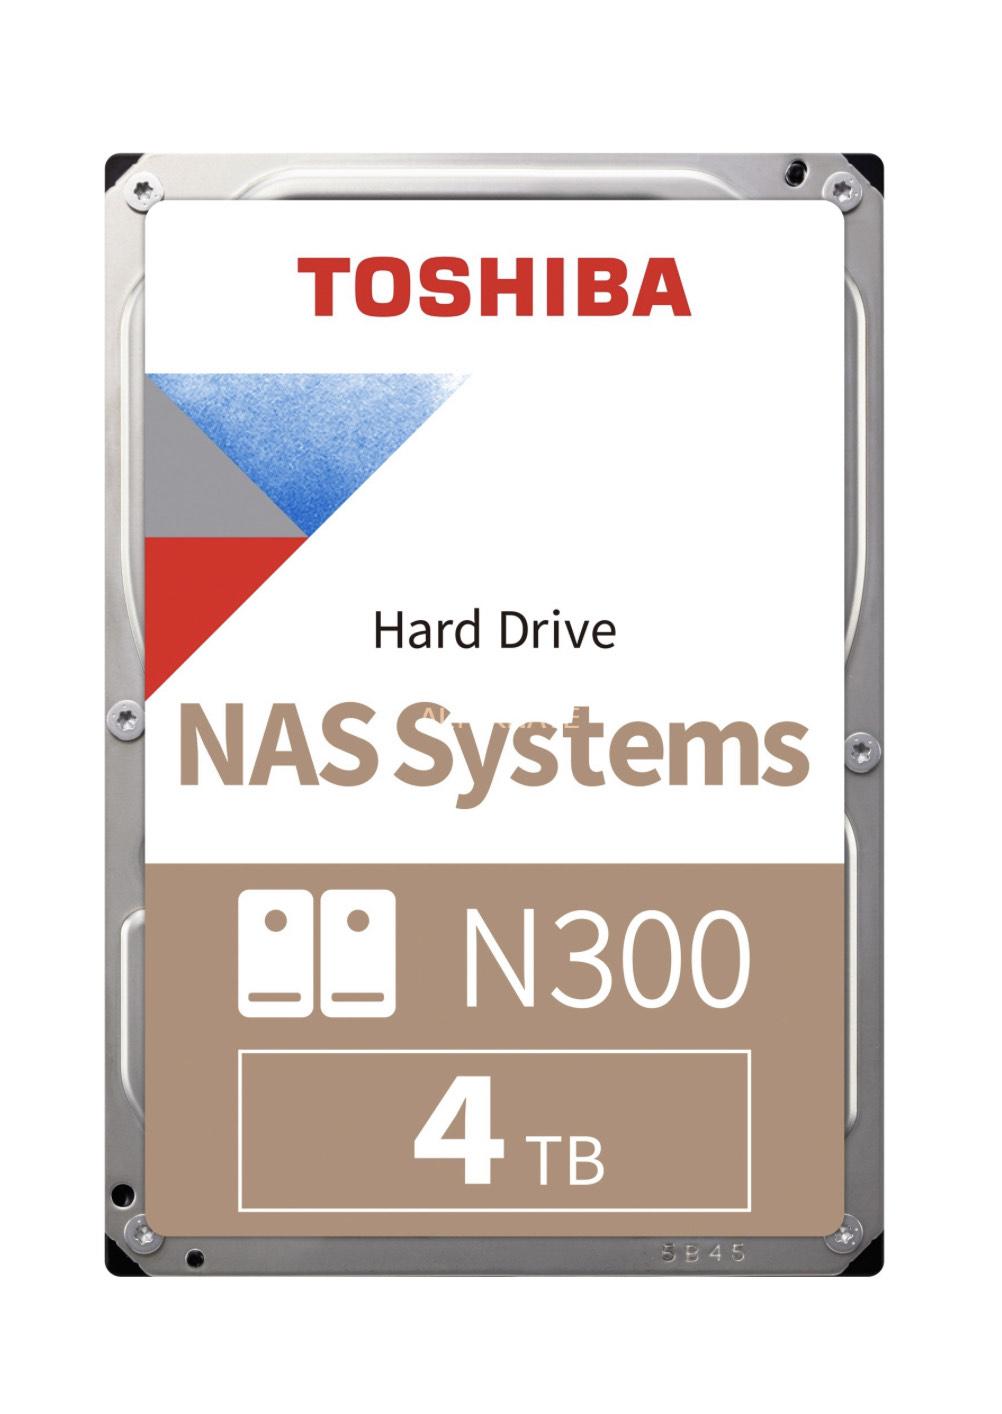 Toshiba N300 4 TB, Festplatte